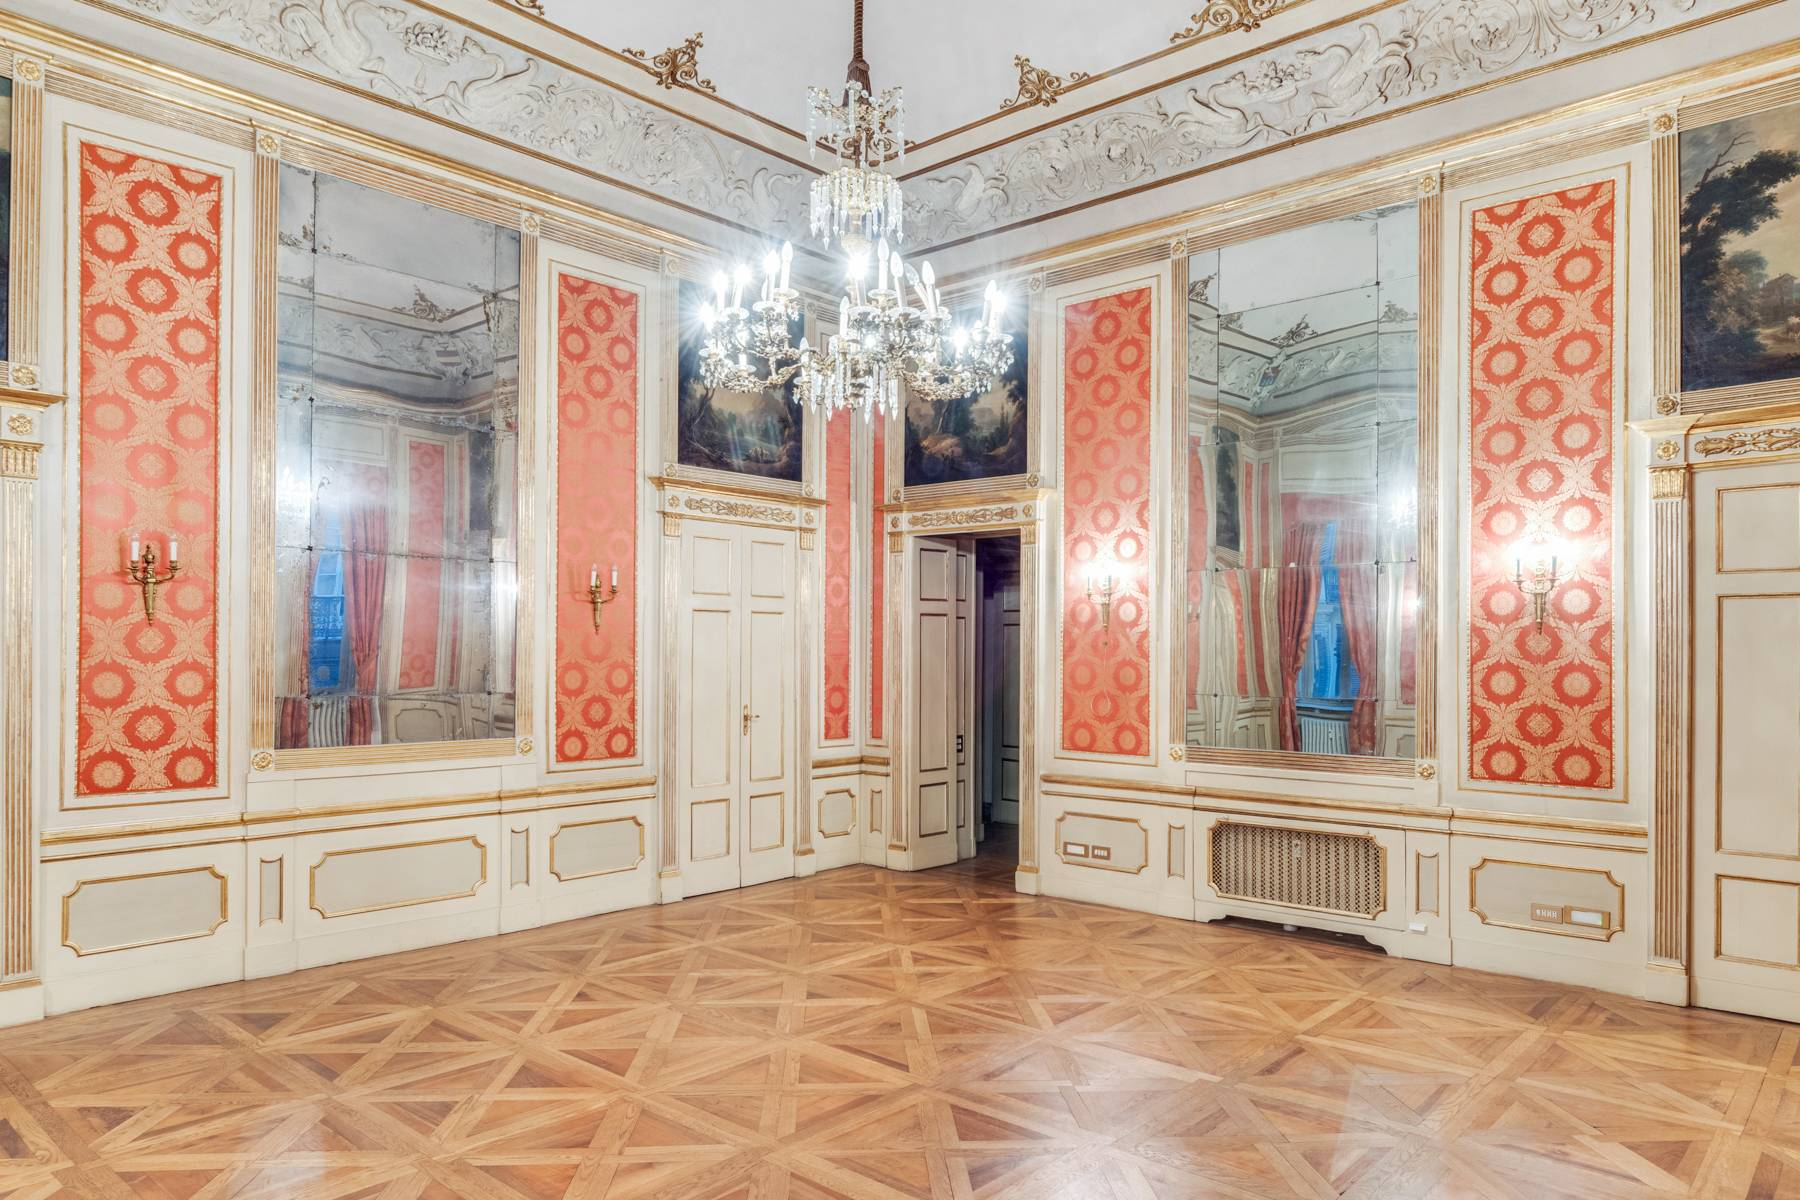 Appartement élégant dans un palais historique - 16